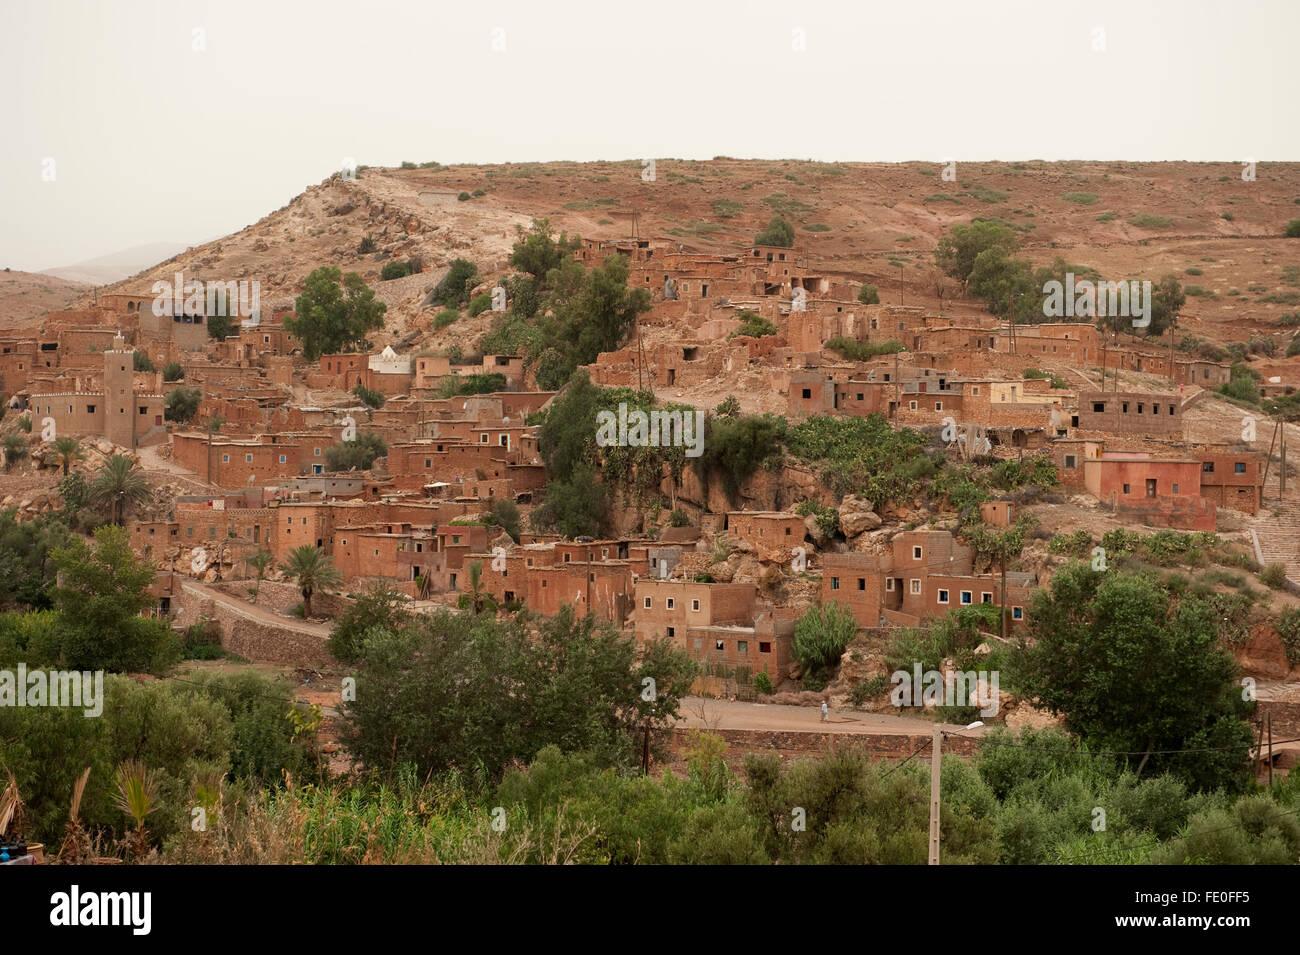 Villaggio berbero, Marocco Immagini Stock